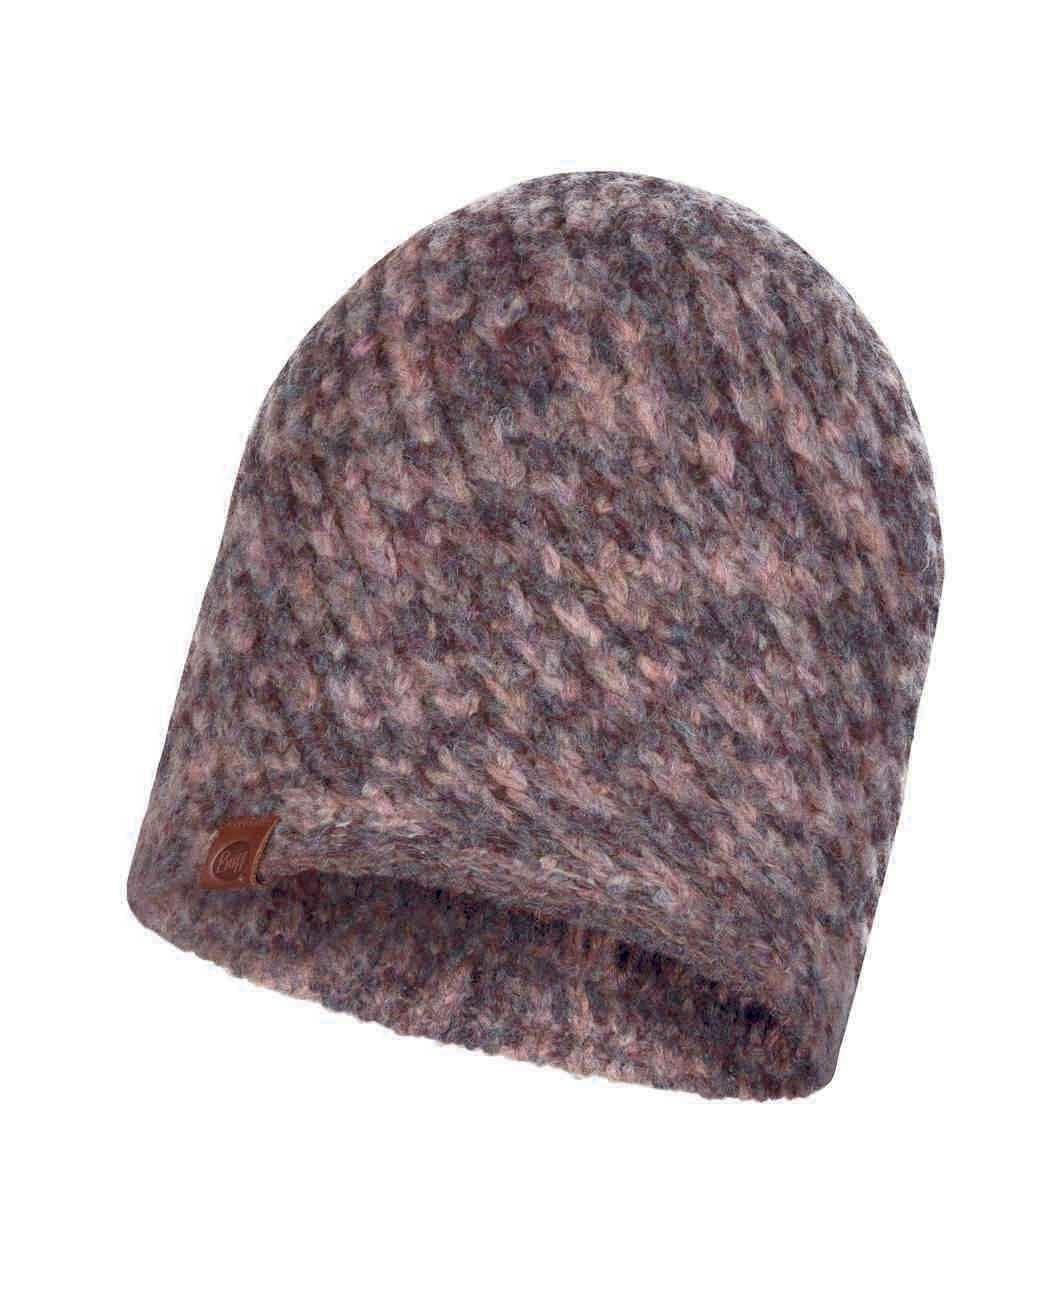 Длинные шапки Вязаная шапка Buff Hat Knitted Karel Heather Rose 117881.557.10.00.jpg